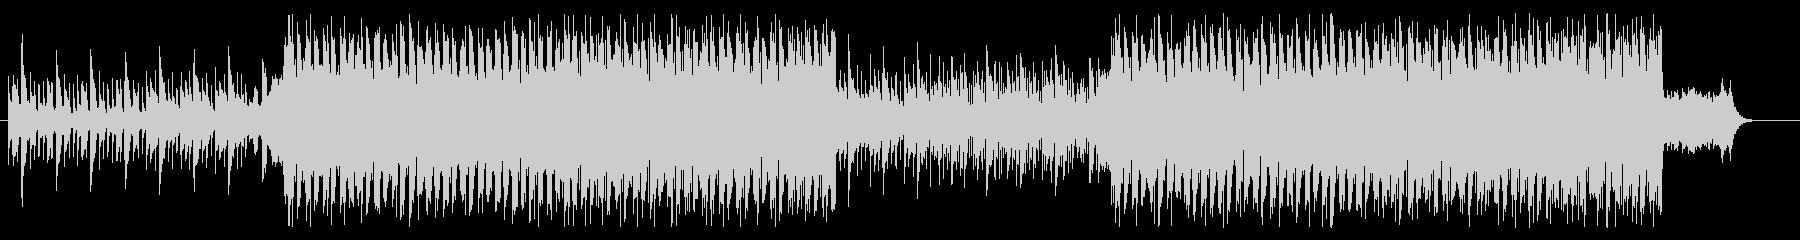 クリスマス EDM アップテンポ ベルの未再生の波形